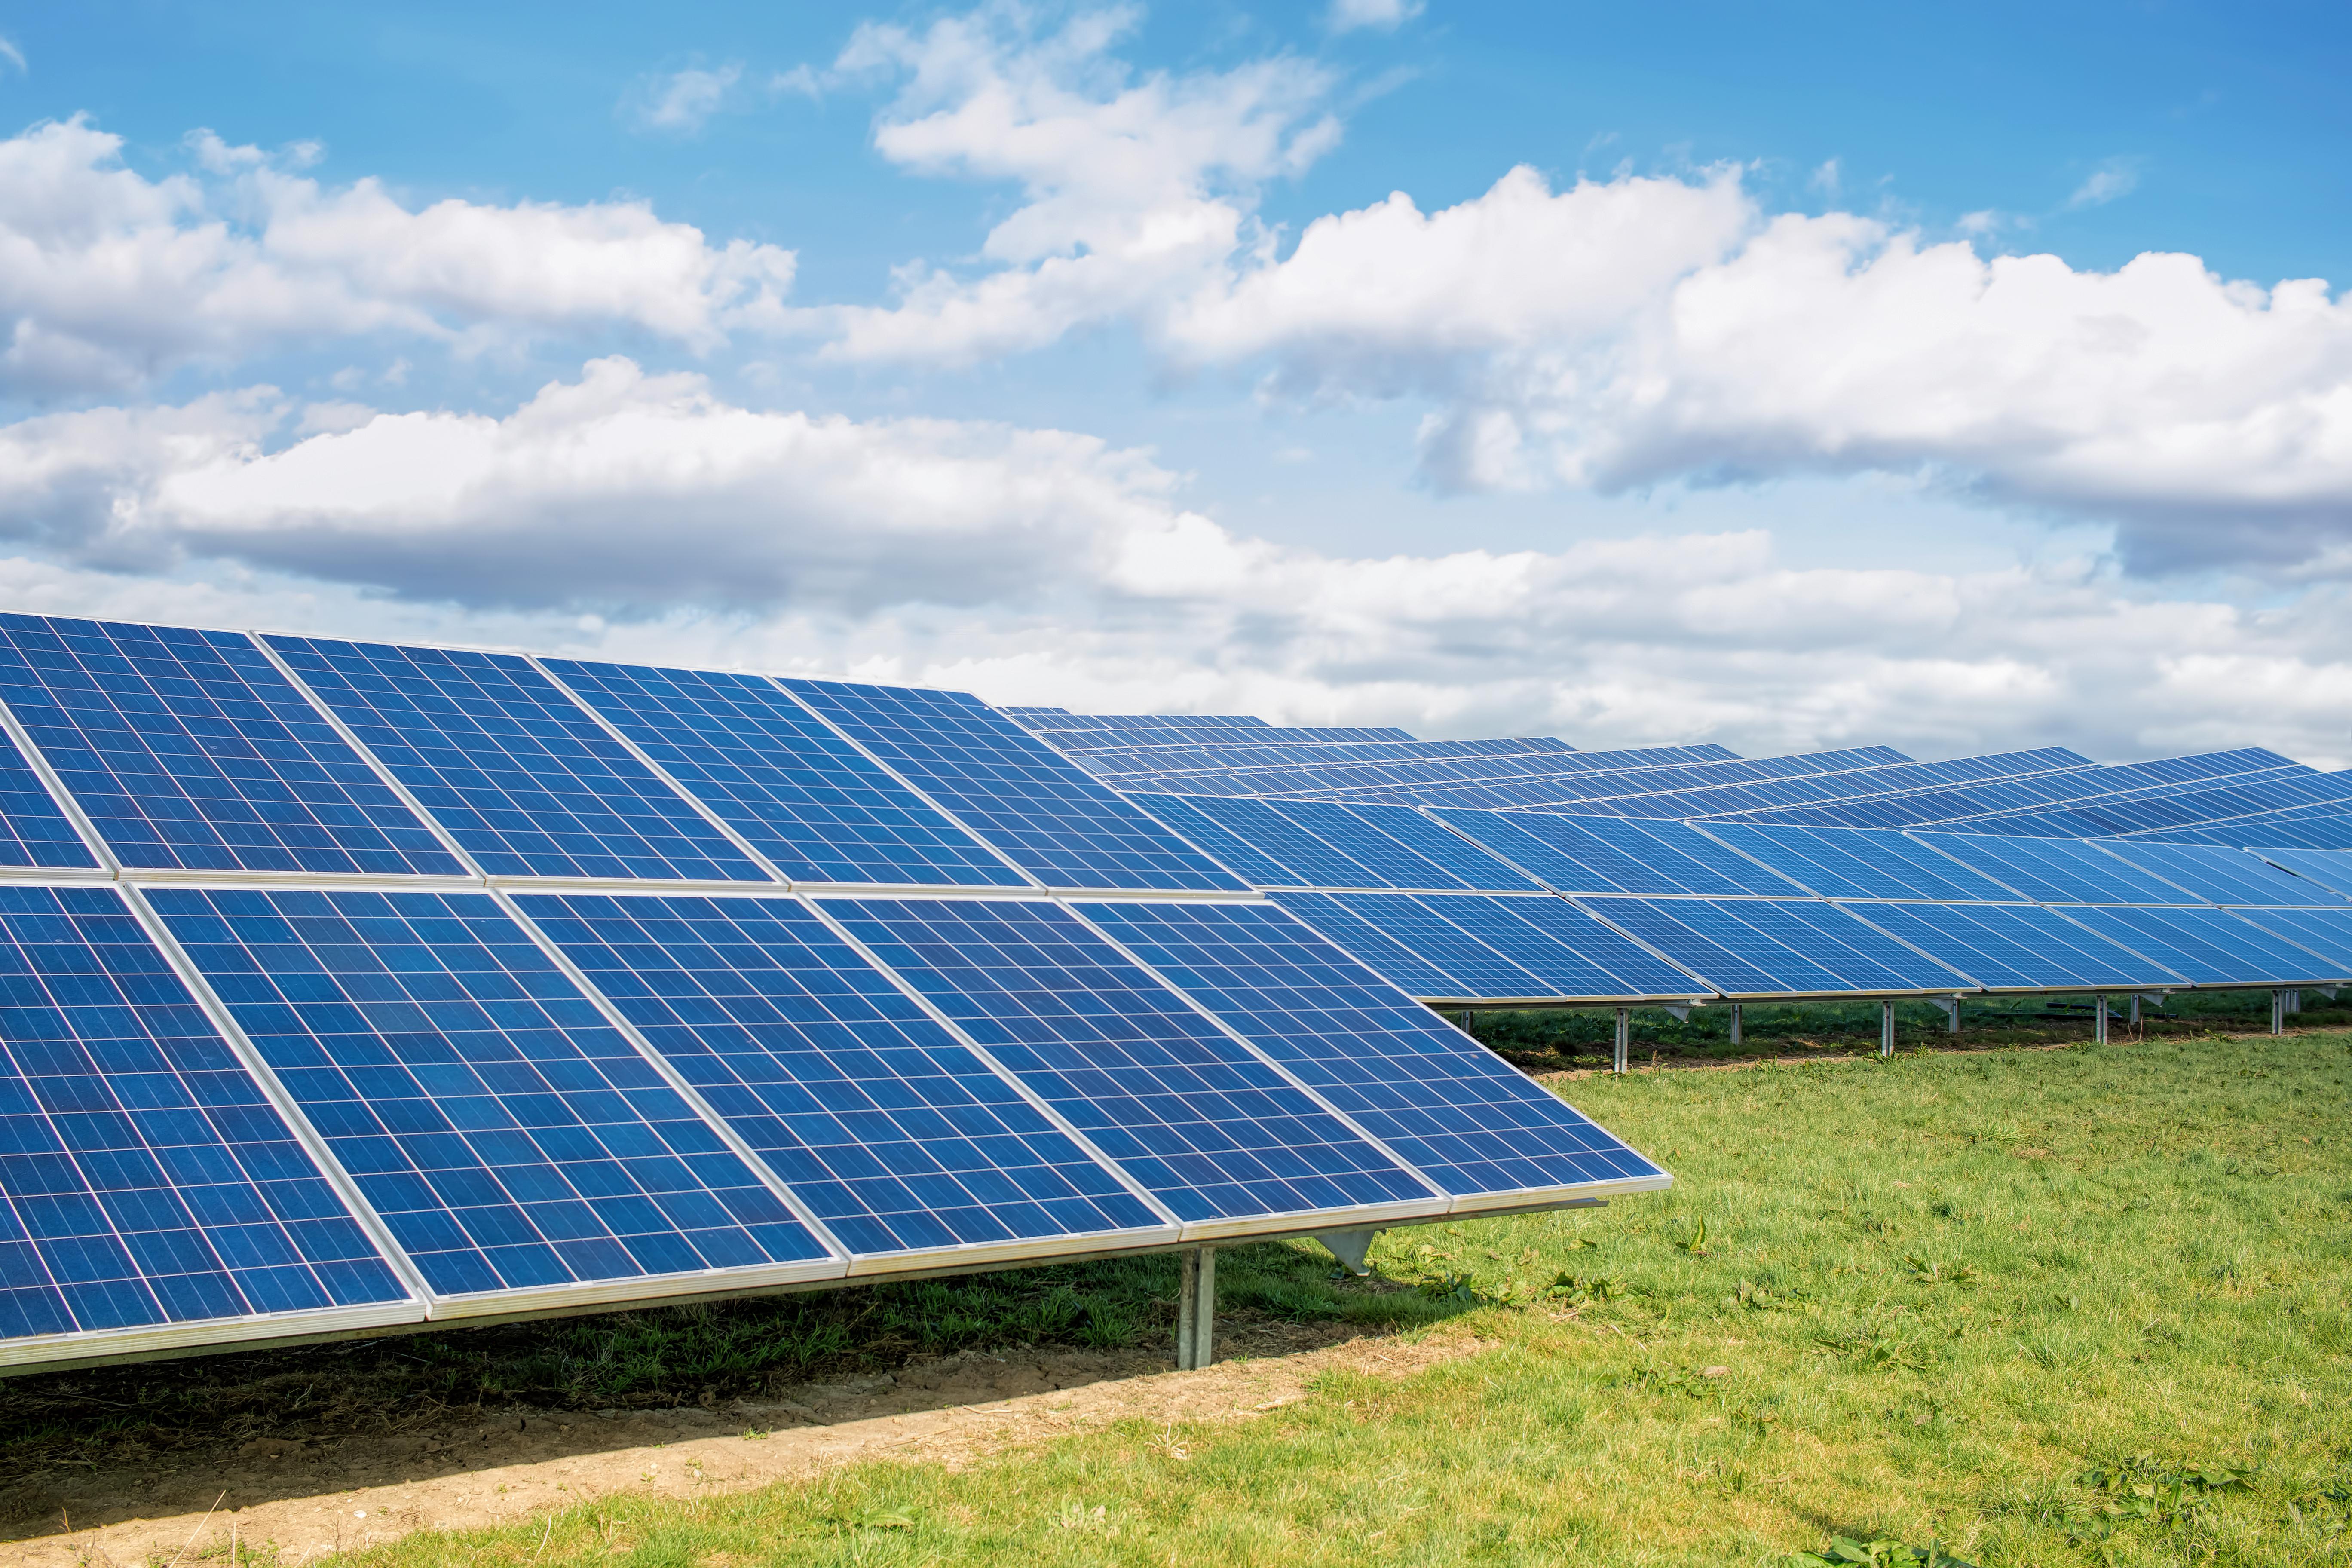 Solar farm shown on a sunny day.